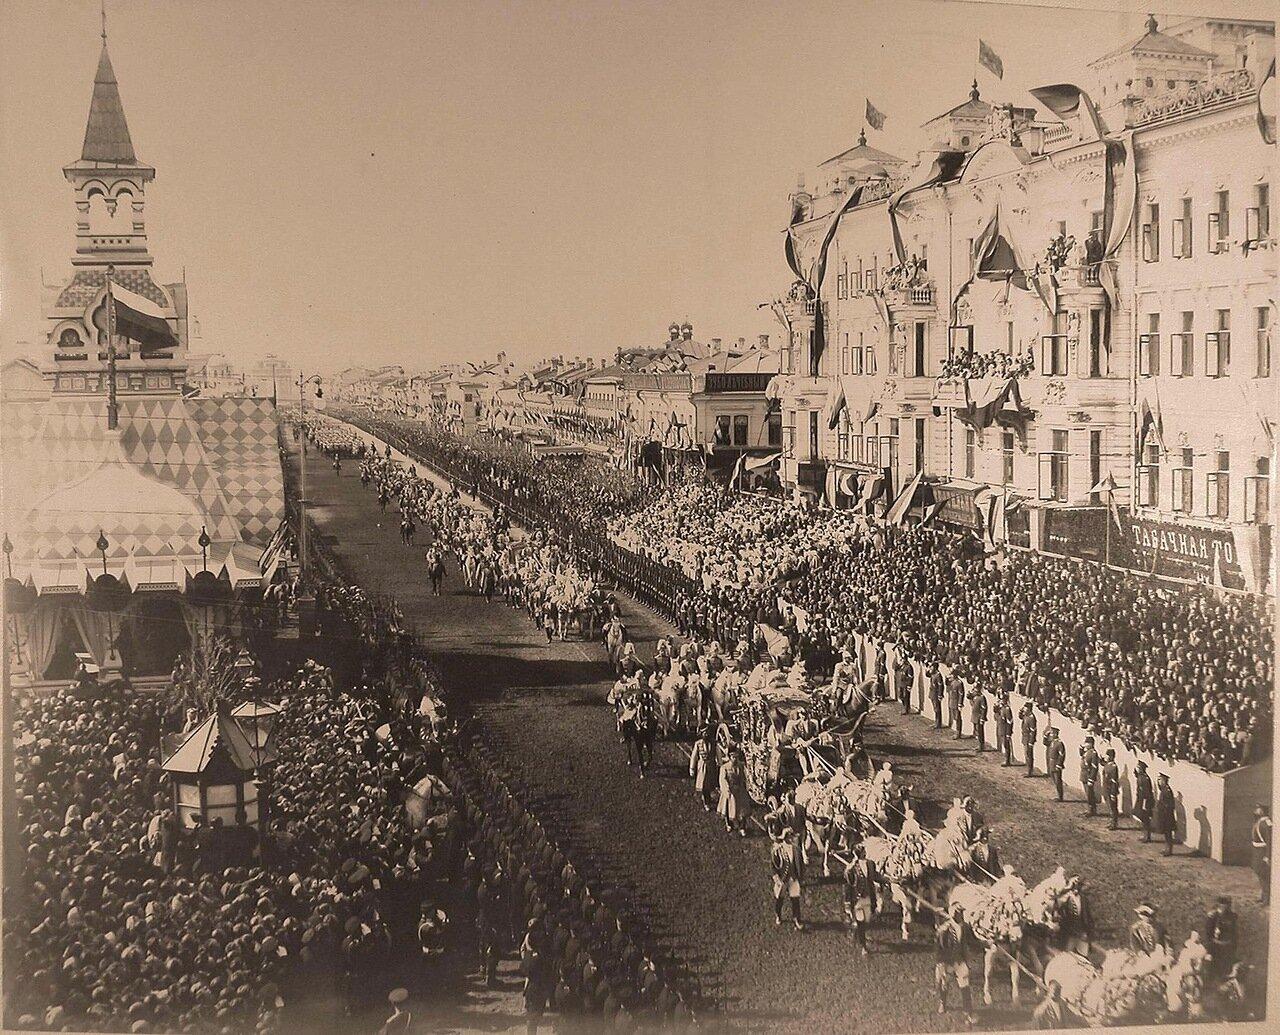 Коронационный кортеж проходит по Тверской улице от Триумфальных ворот; на первом плане - карета вдовствующей императрицы Марии Федоровны